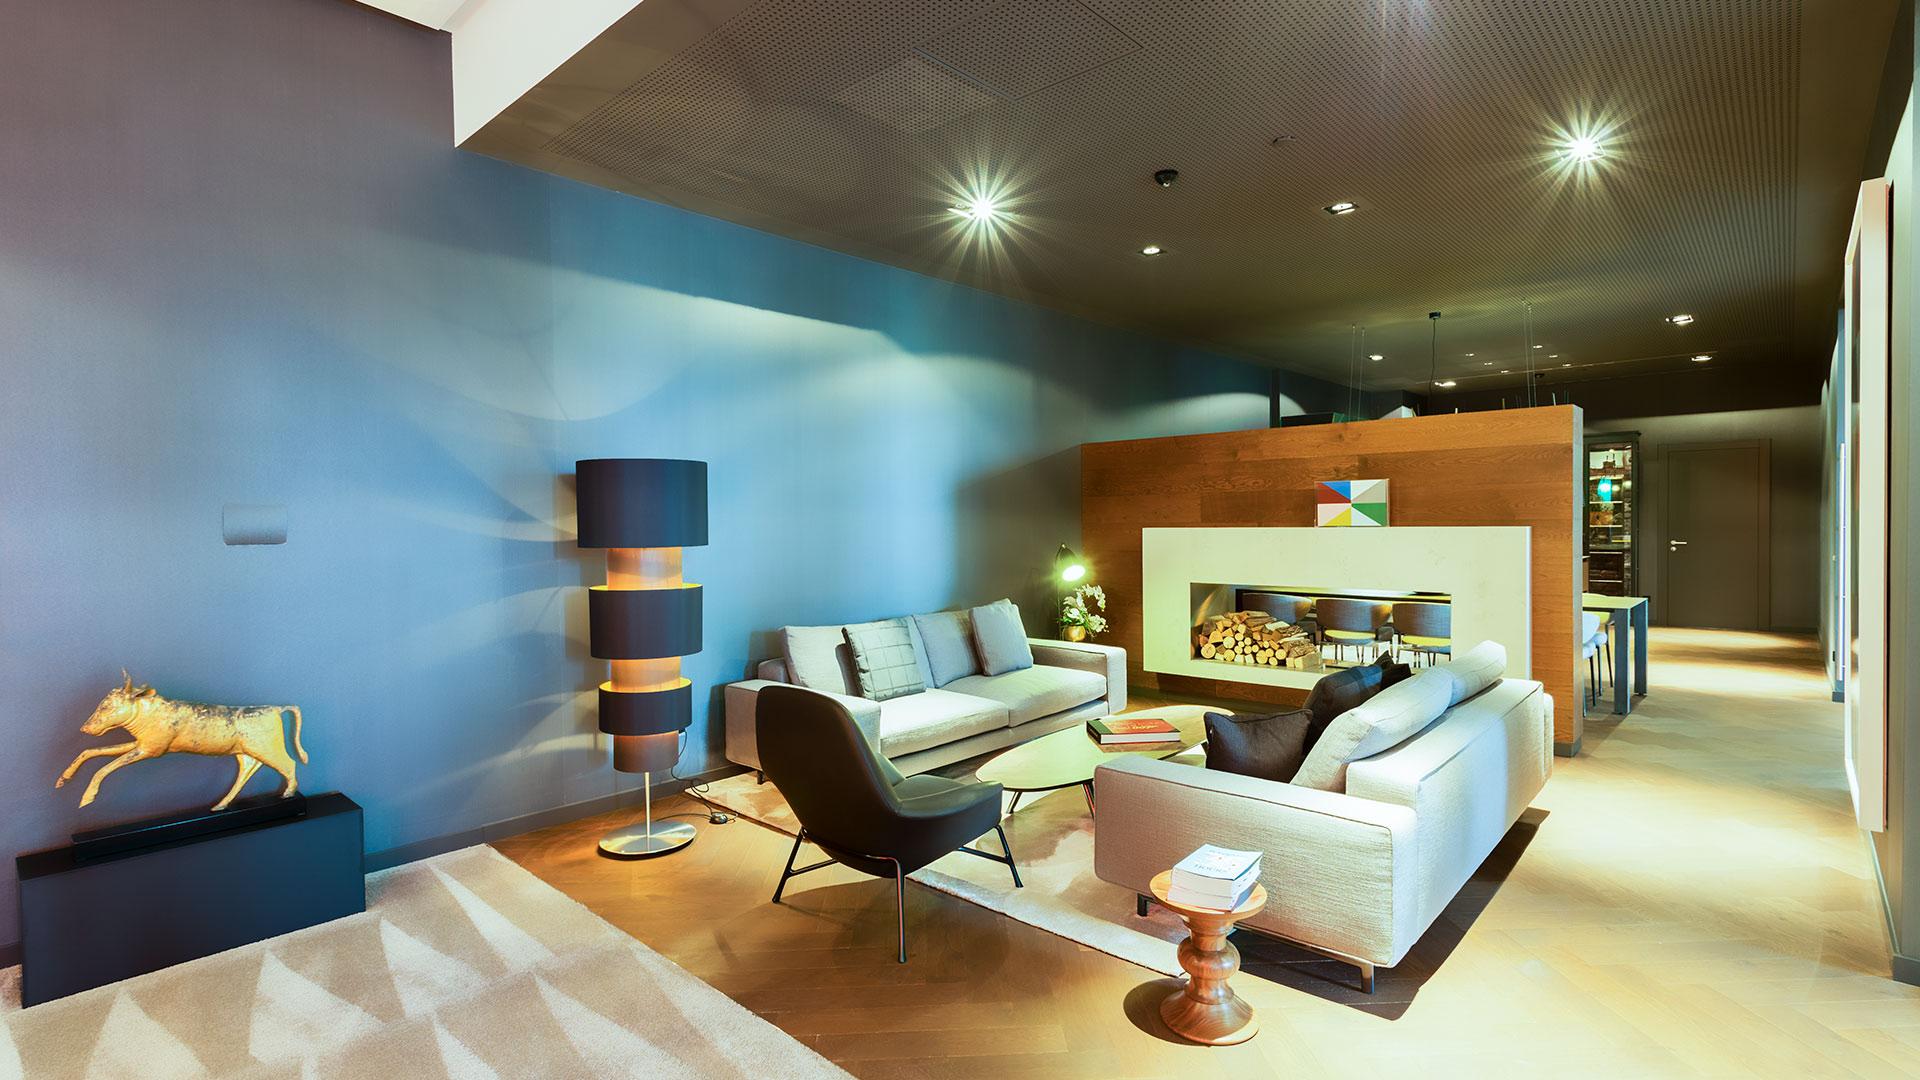 Eine Fotografie des wohnzimmerähnlichen Empfangsbereiches einer Firma, ausgeleuchtet mit Deckenstrahlern